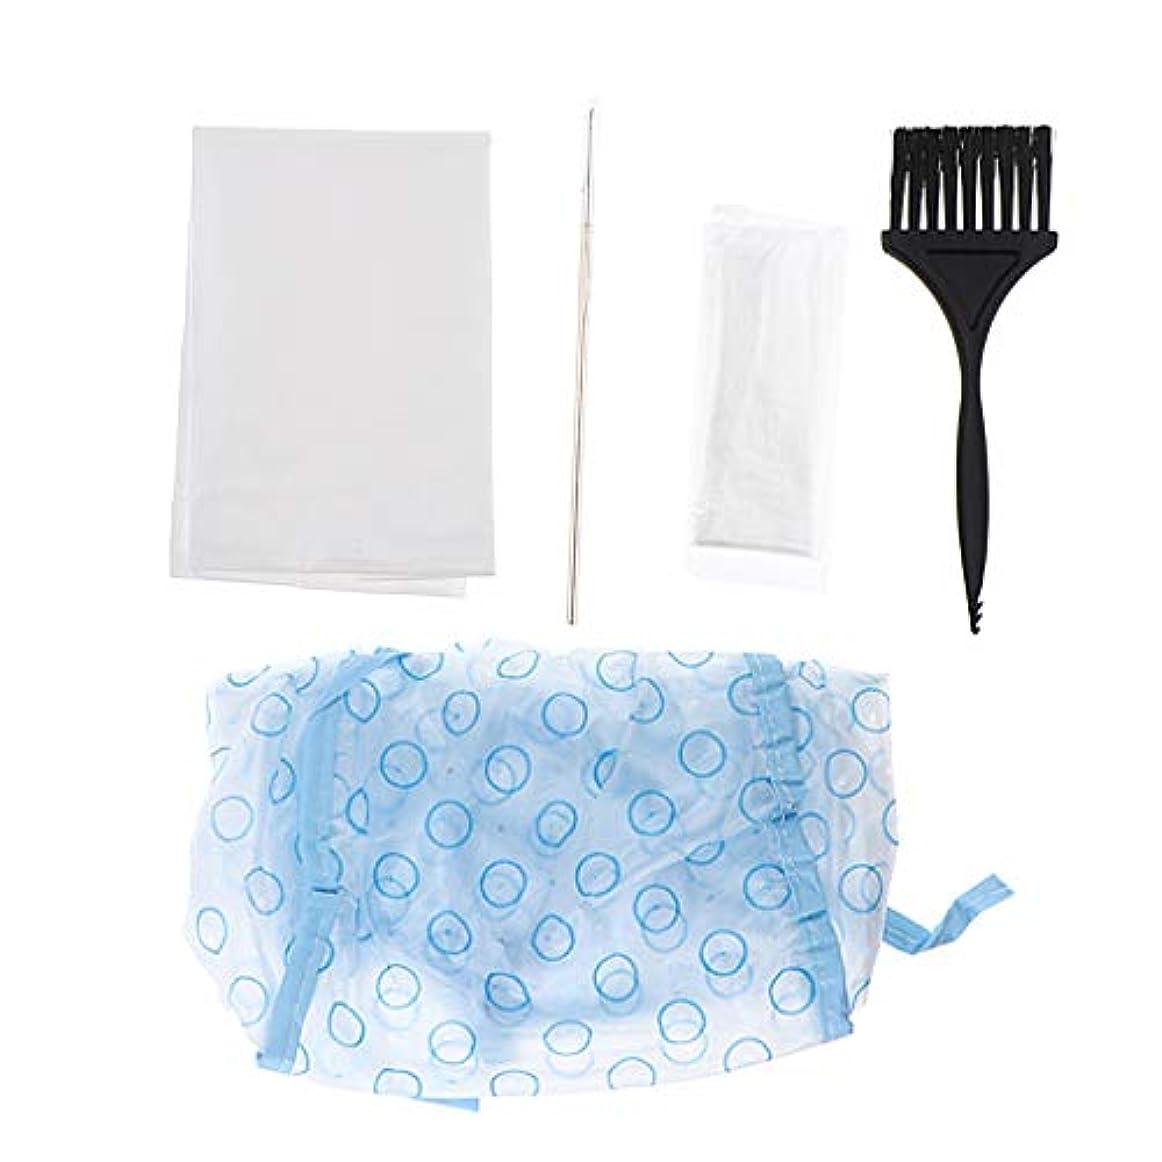 隣接する下メッシュ5本/セット使い捨てヘアカラー染めツールティントキャップクリップケープブラシ手袋